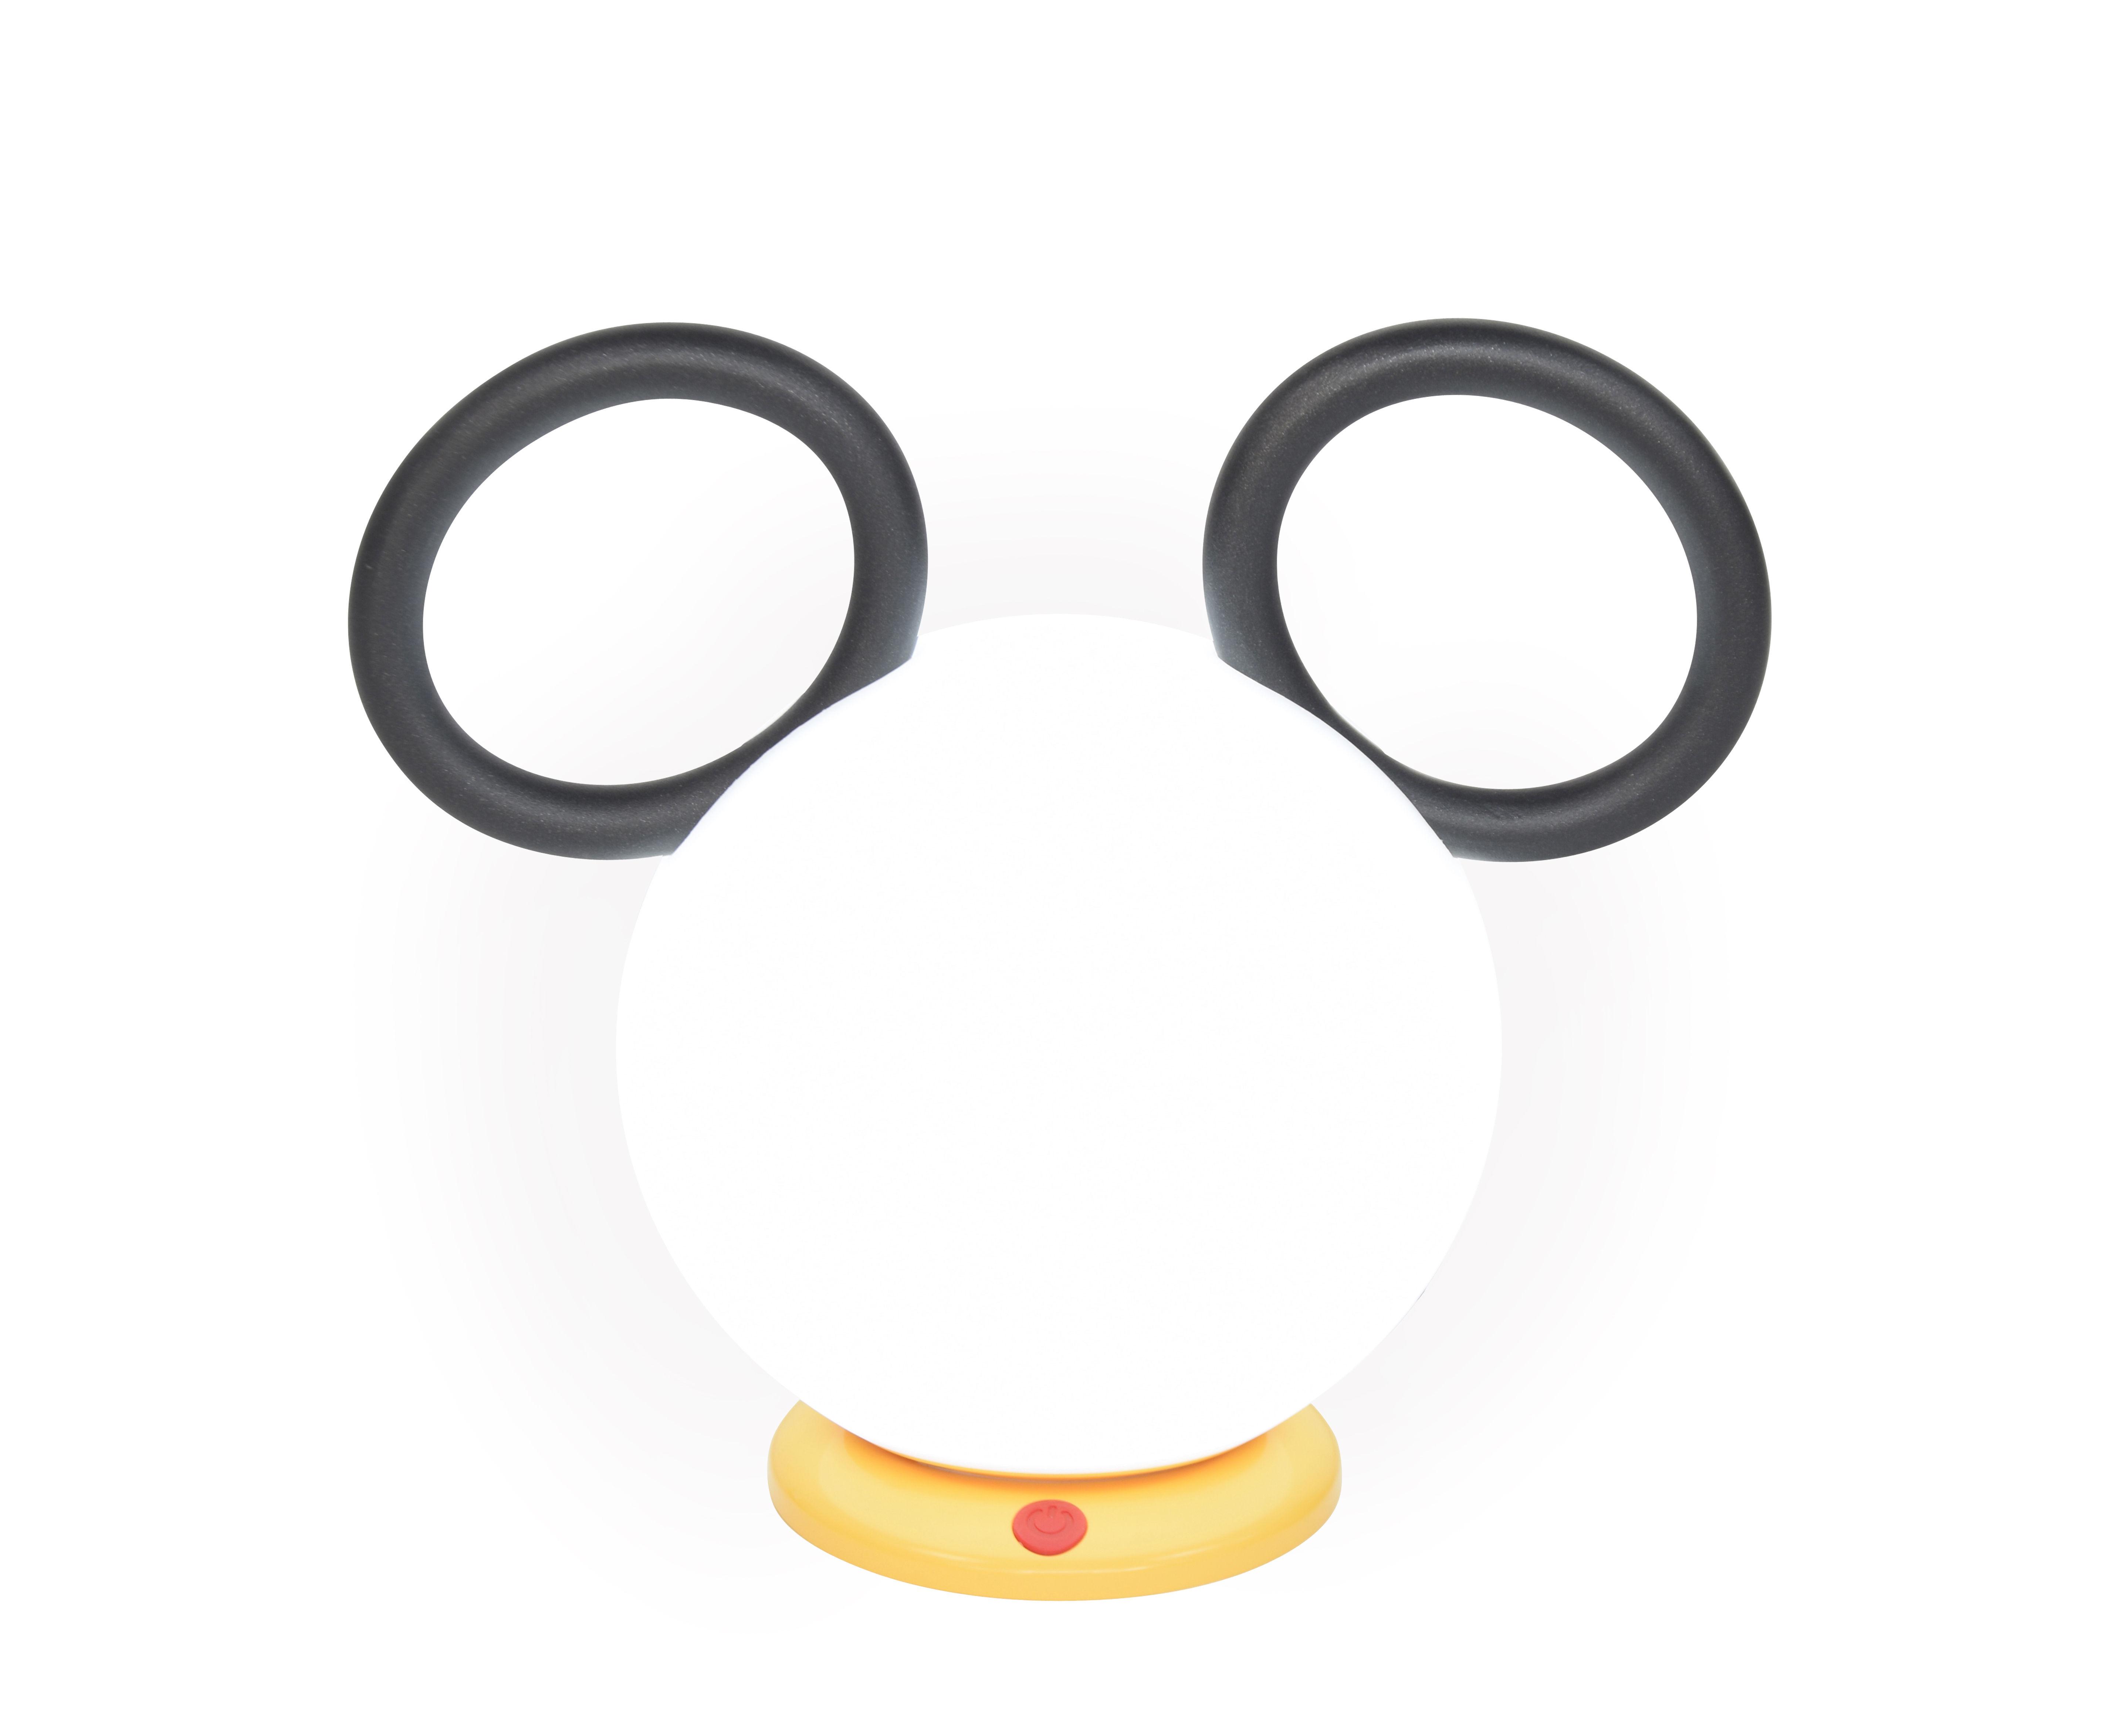 Interni - Per bambini - Lampada senza fili Mickey - / Ricarica USB di Fermob - Liquirizia - Alluminio, Polietilene